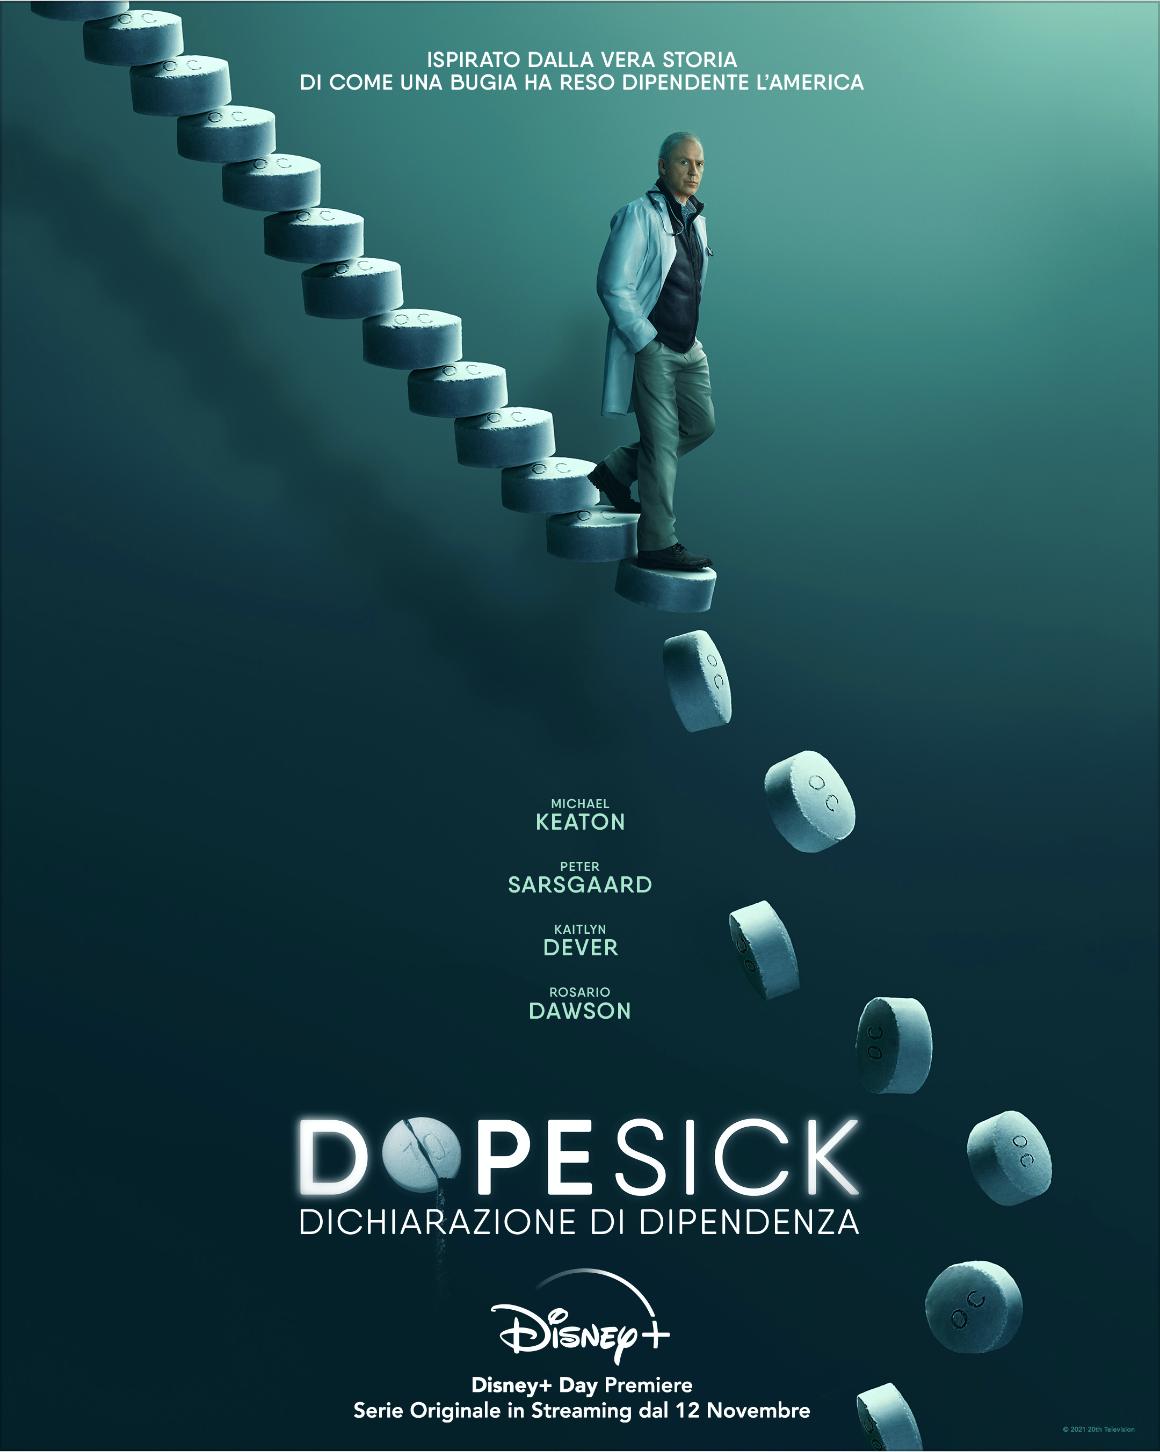 Dopesick - Dichiarazione di Dipendenza